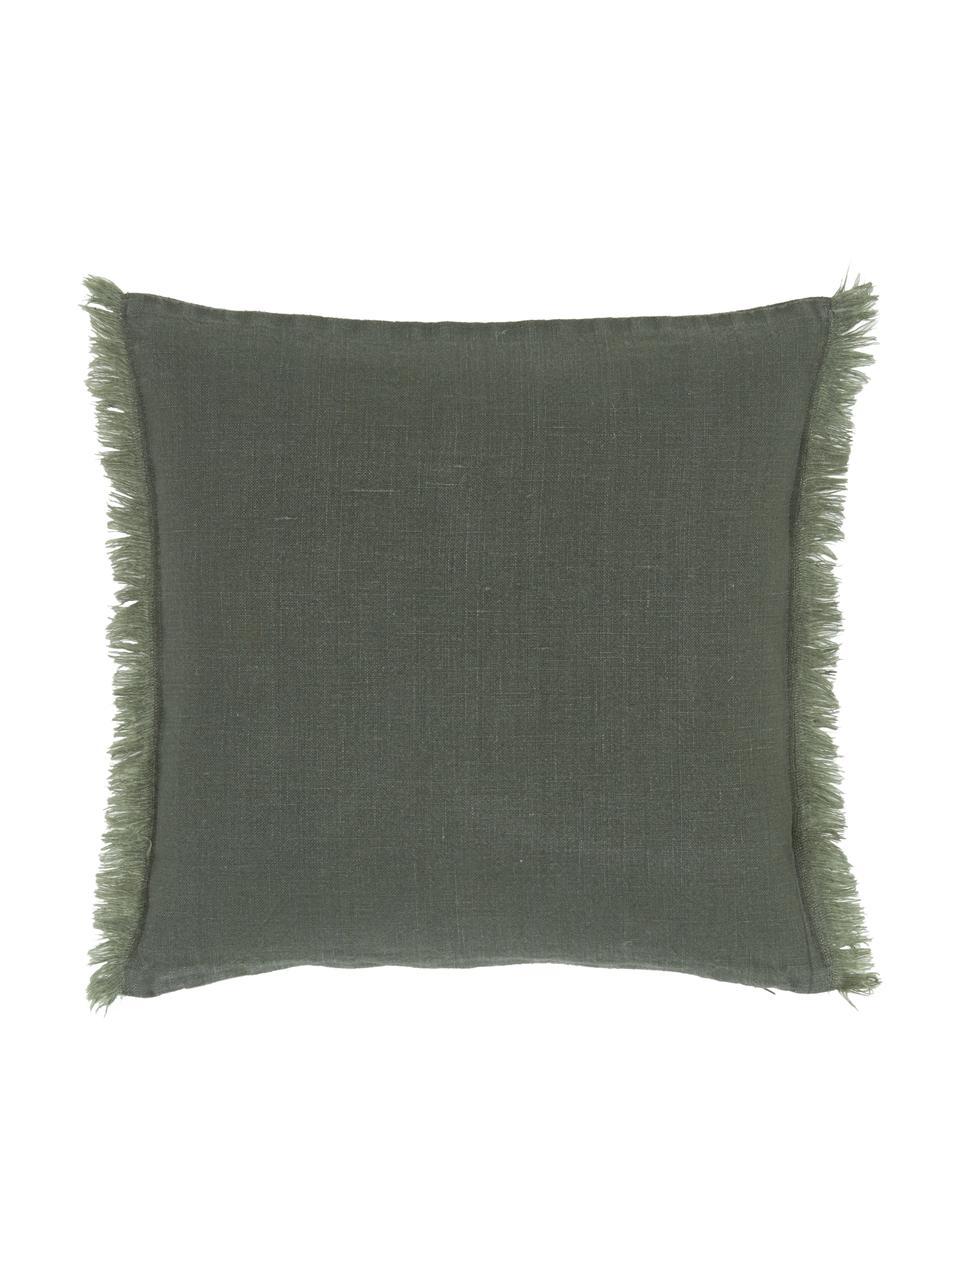 Federa arredo in lino verde scuro con frange Luana, 100% lino, Verde, Larg. 40 x Lung. 40 cm